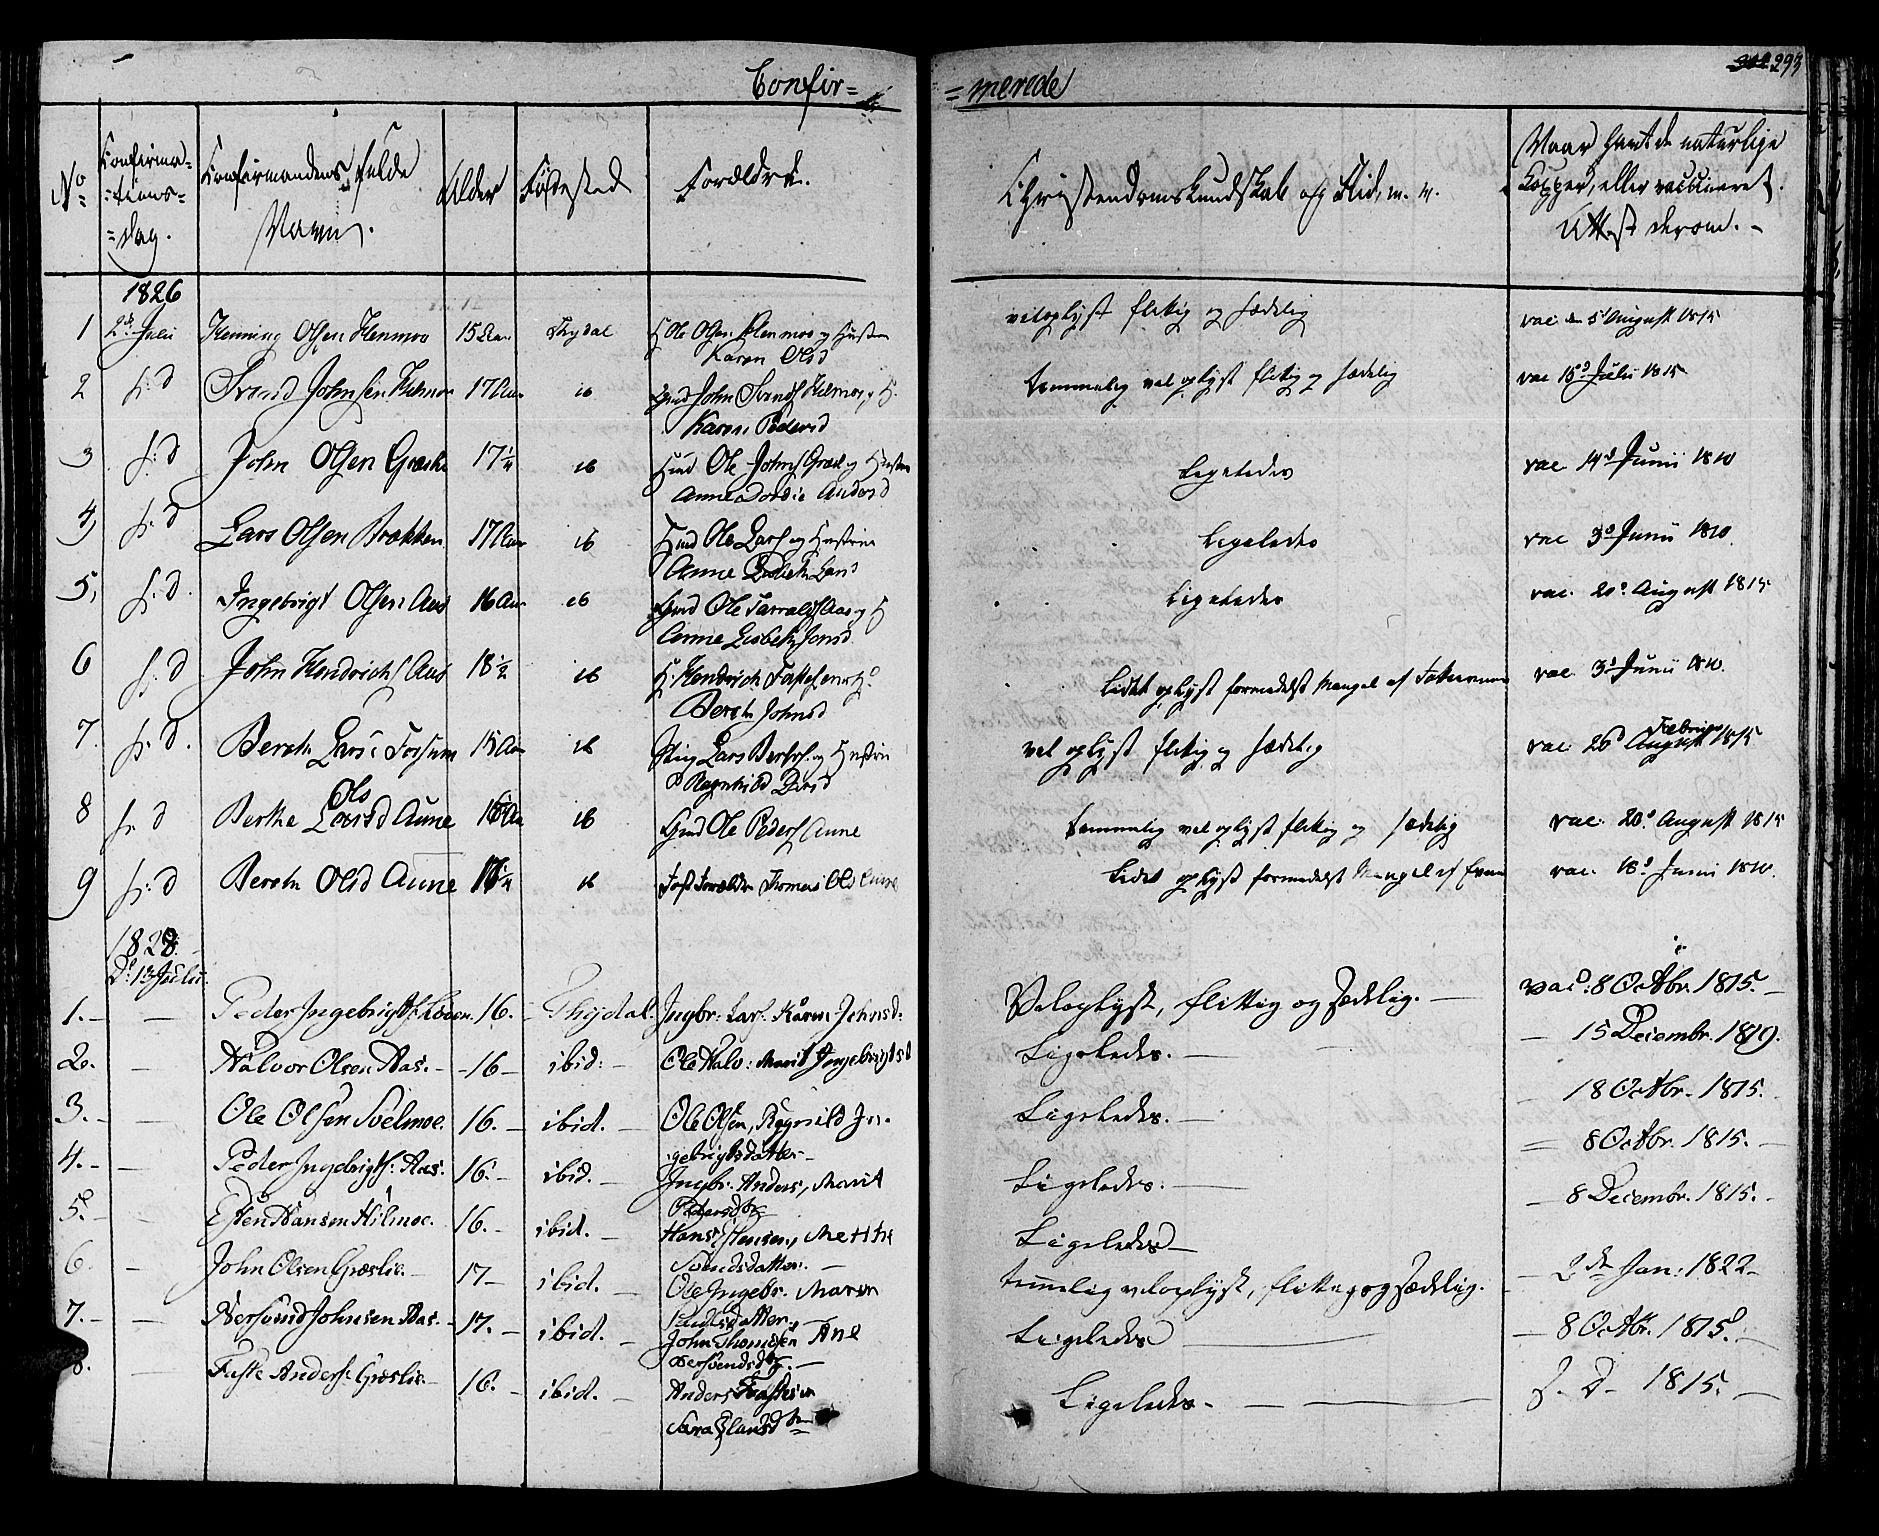 SAT, Ministerialprotokoller, klokkerbøker og fødselsregistre - Sør-Trøndelag, 695/L1144: Ministerialbok nr. 695A05 /2, 1824-1842, s. 293